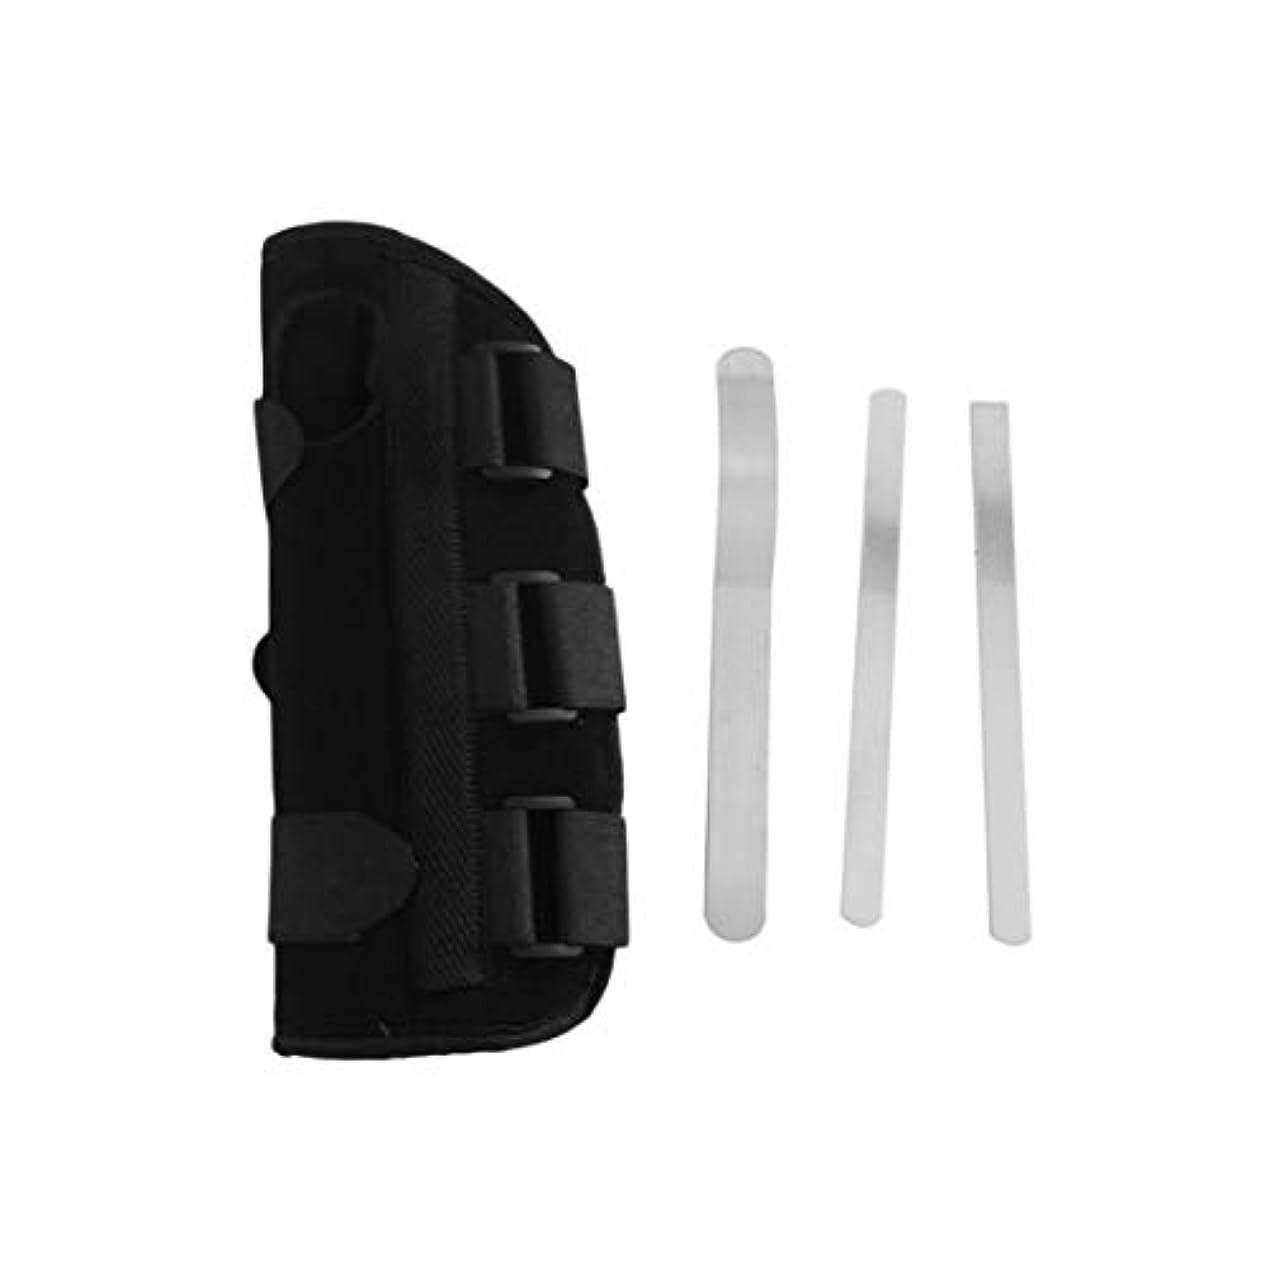 イブニング作曲家安心手首副木ブレース保護サポートストラップカルペルトンネルCTS RSI痛み軽減取り外し可能な副木快適な軽量ストラップ - ブラックS